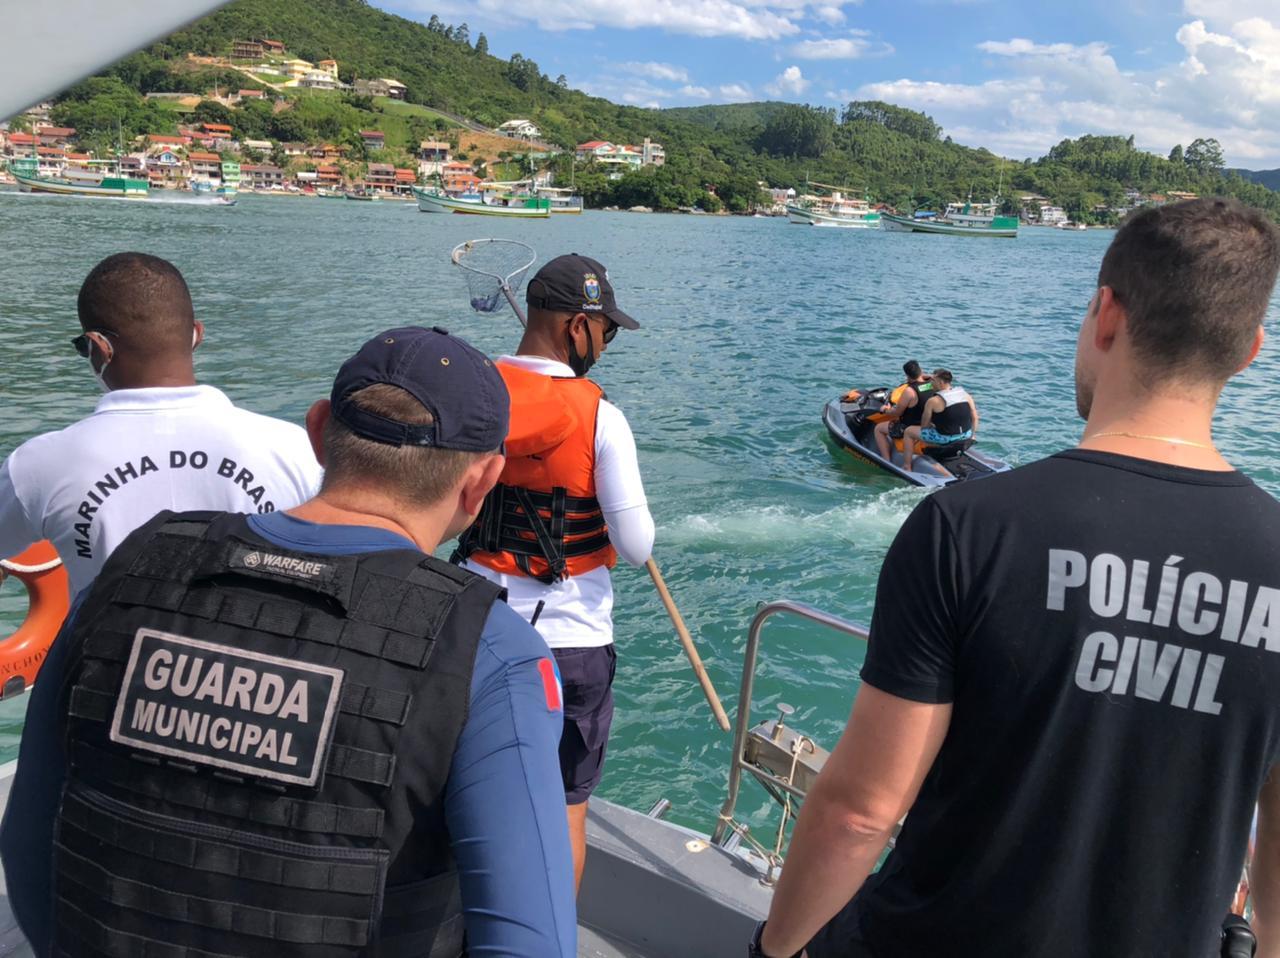 Operação lavrou três termos circunstanciados por posse de drogas - Polícia Civil/Divulgação